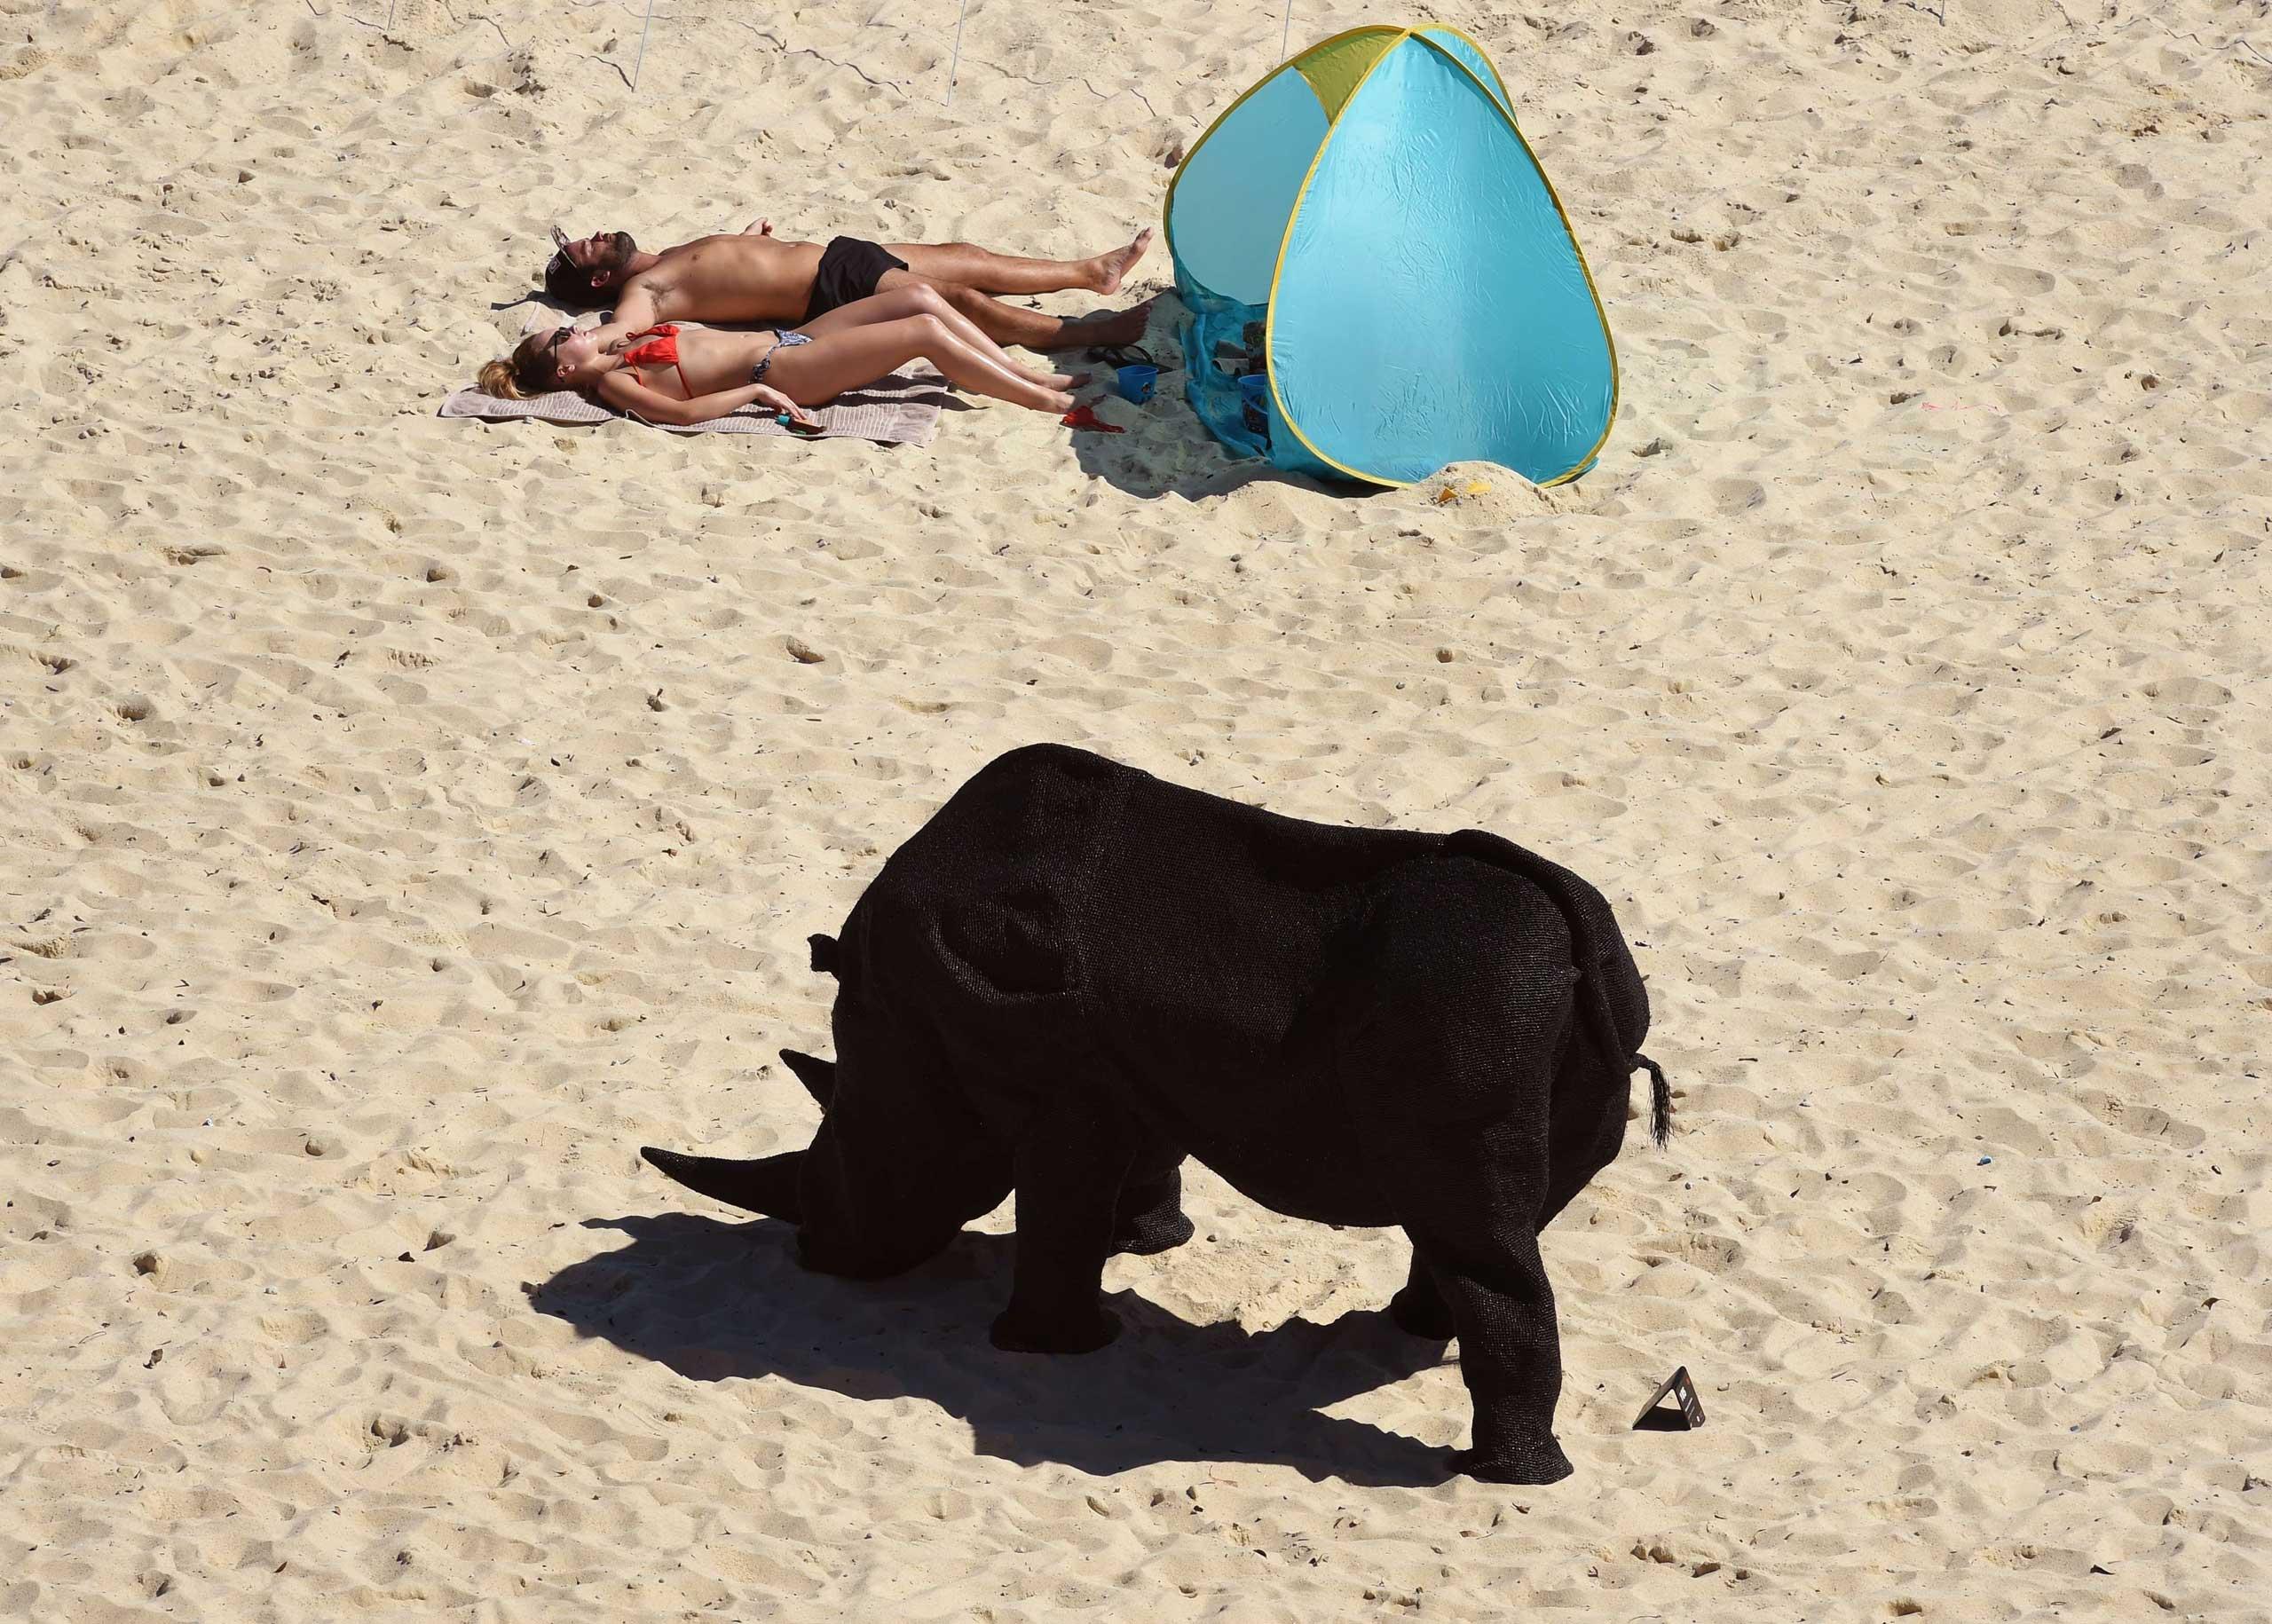 A couple sunbathe near a rhinoceros sculpture by Australian artist Mikaela Castledine on Sydney's Tamarama Beach, Oct. 23, 2014.